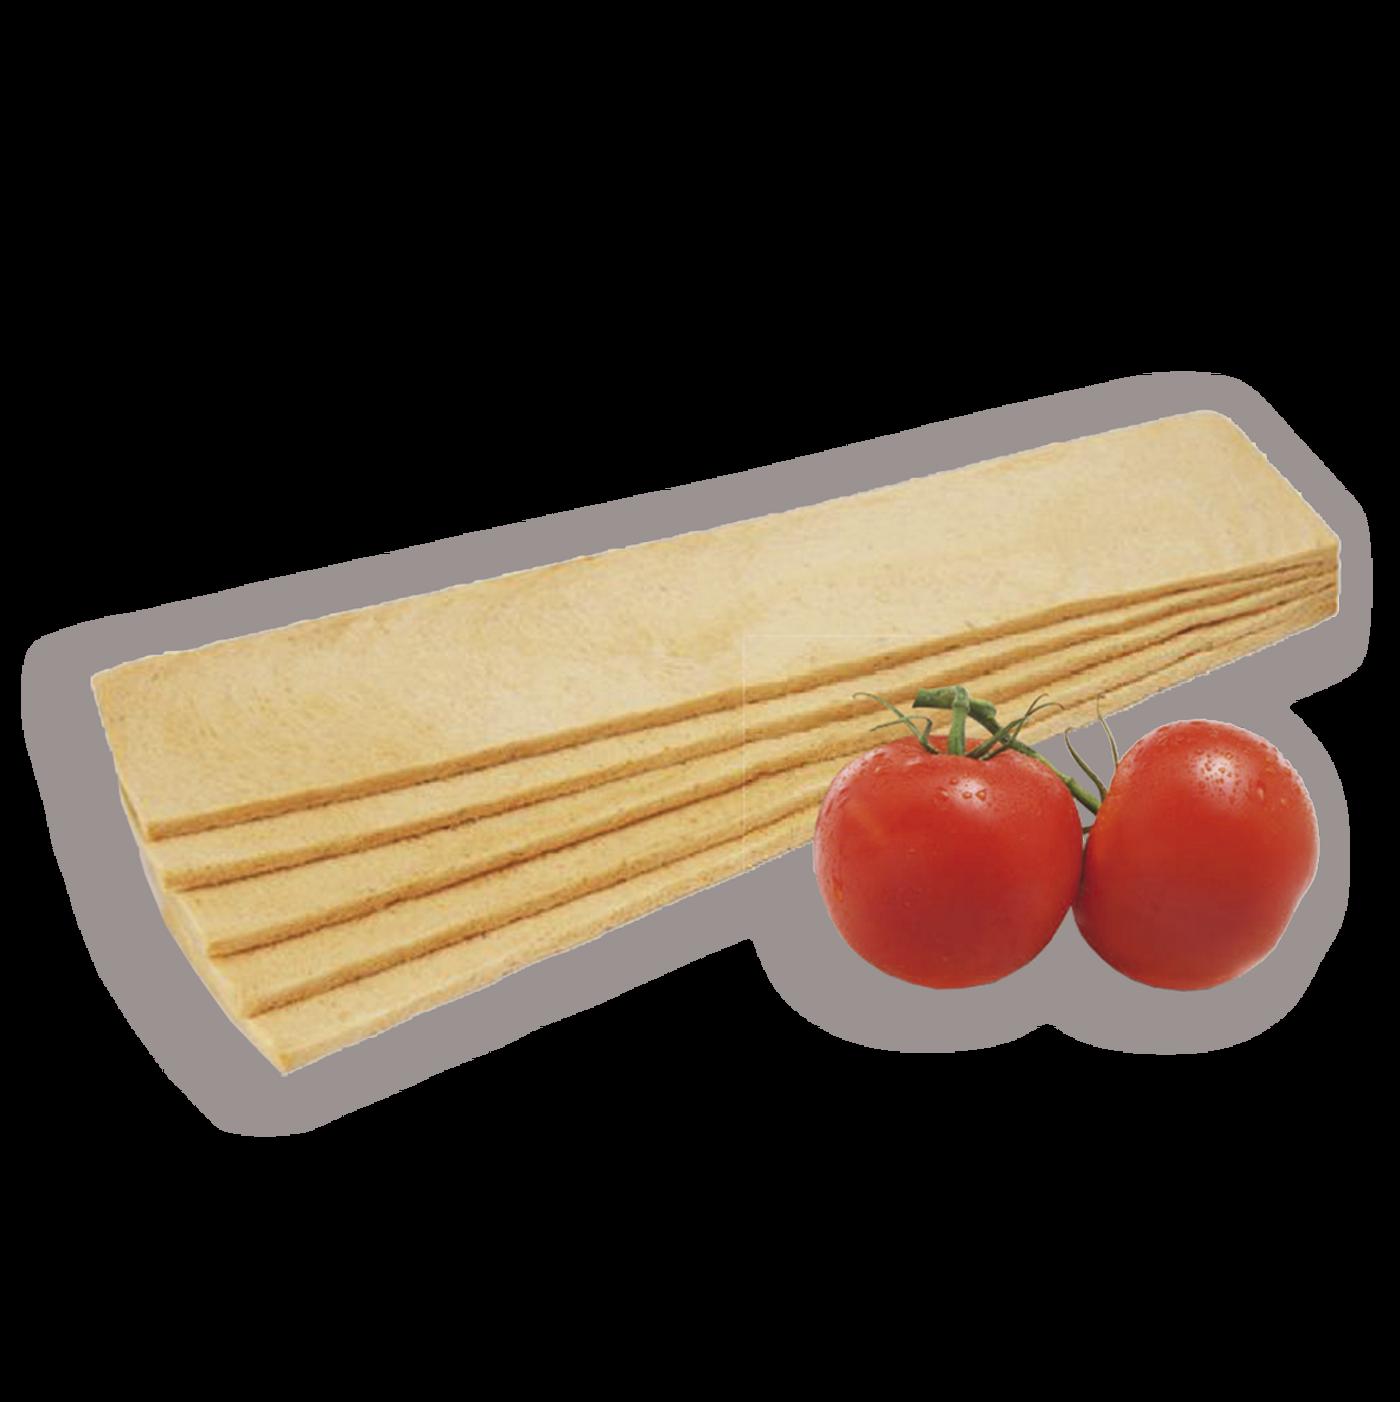 Tramezzini De Tomate